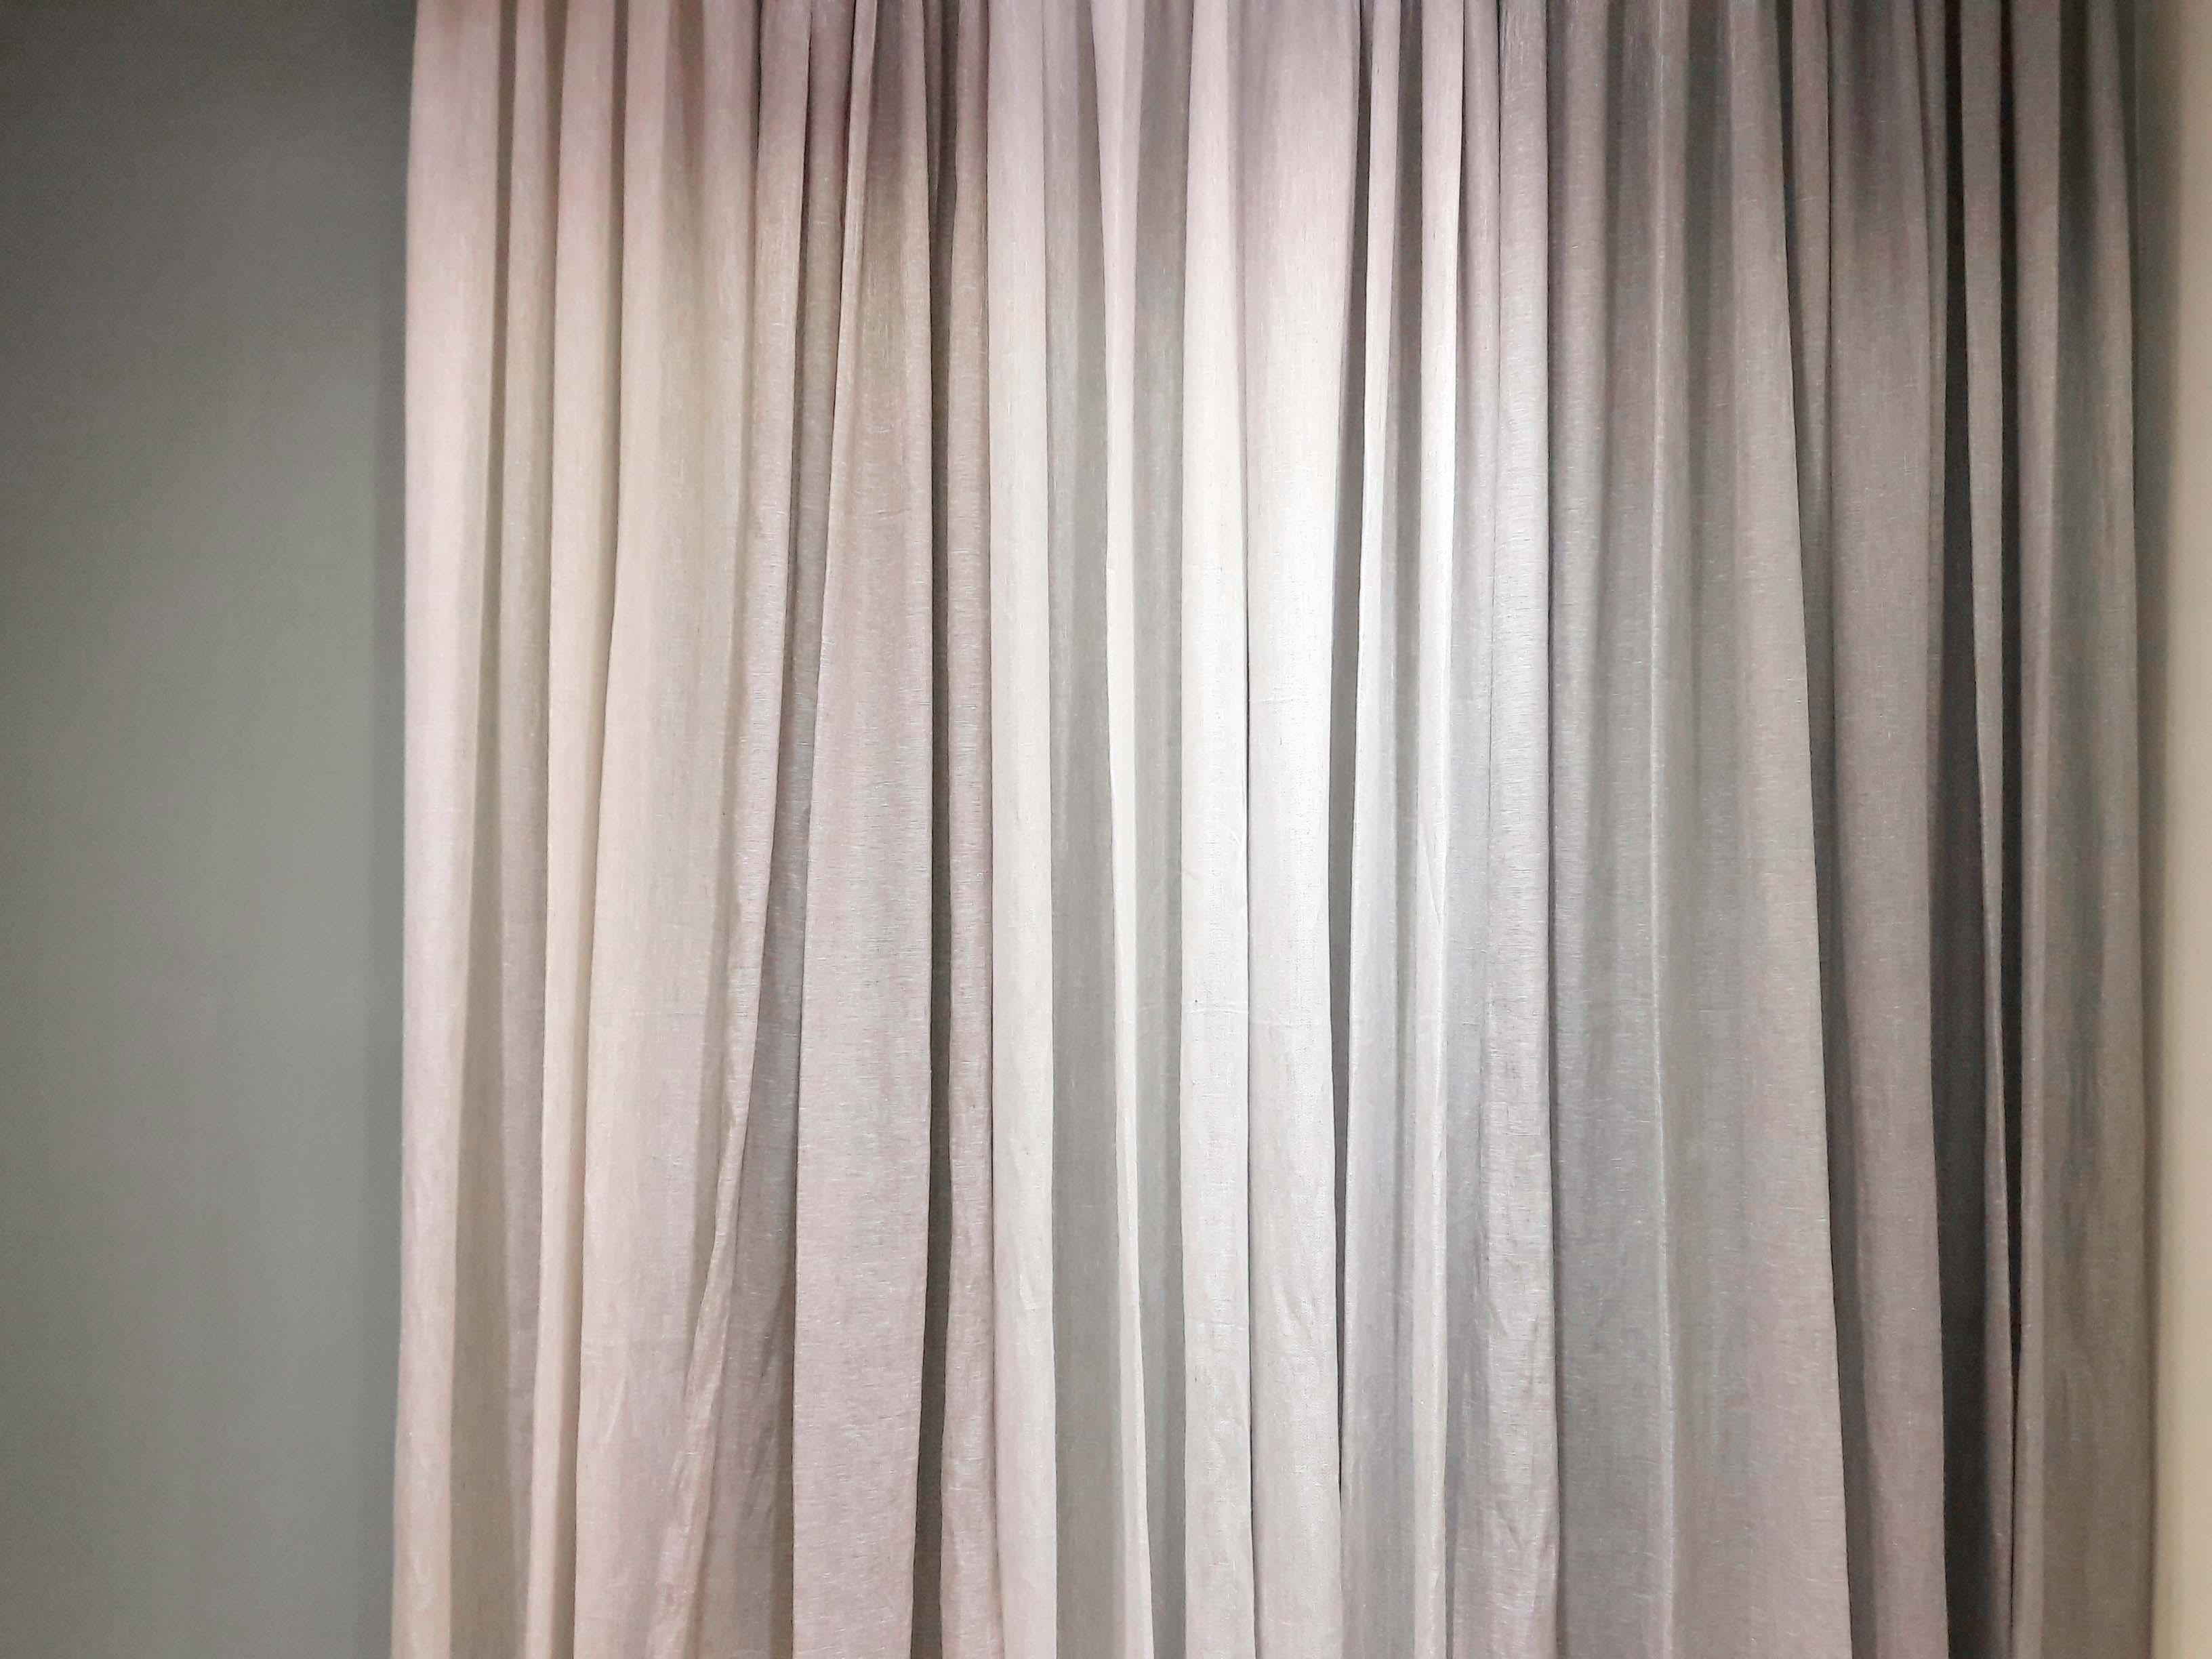 colors-textile-design-interiorbfabrics